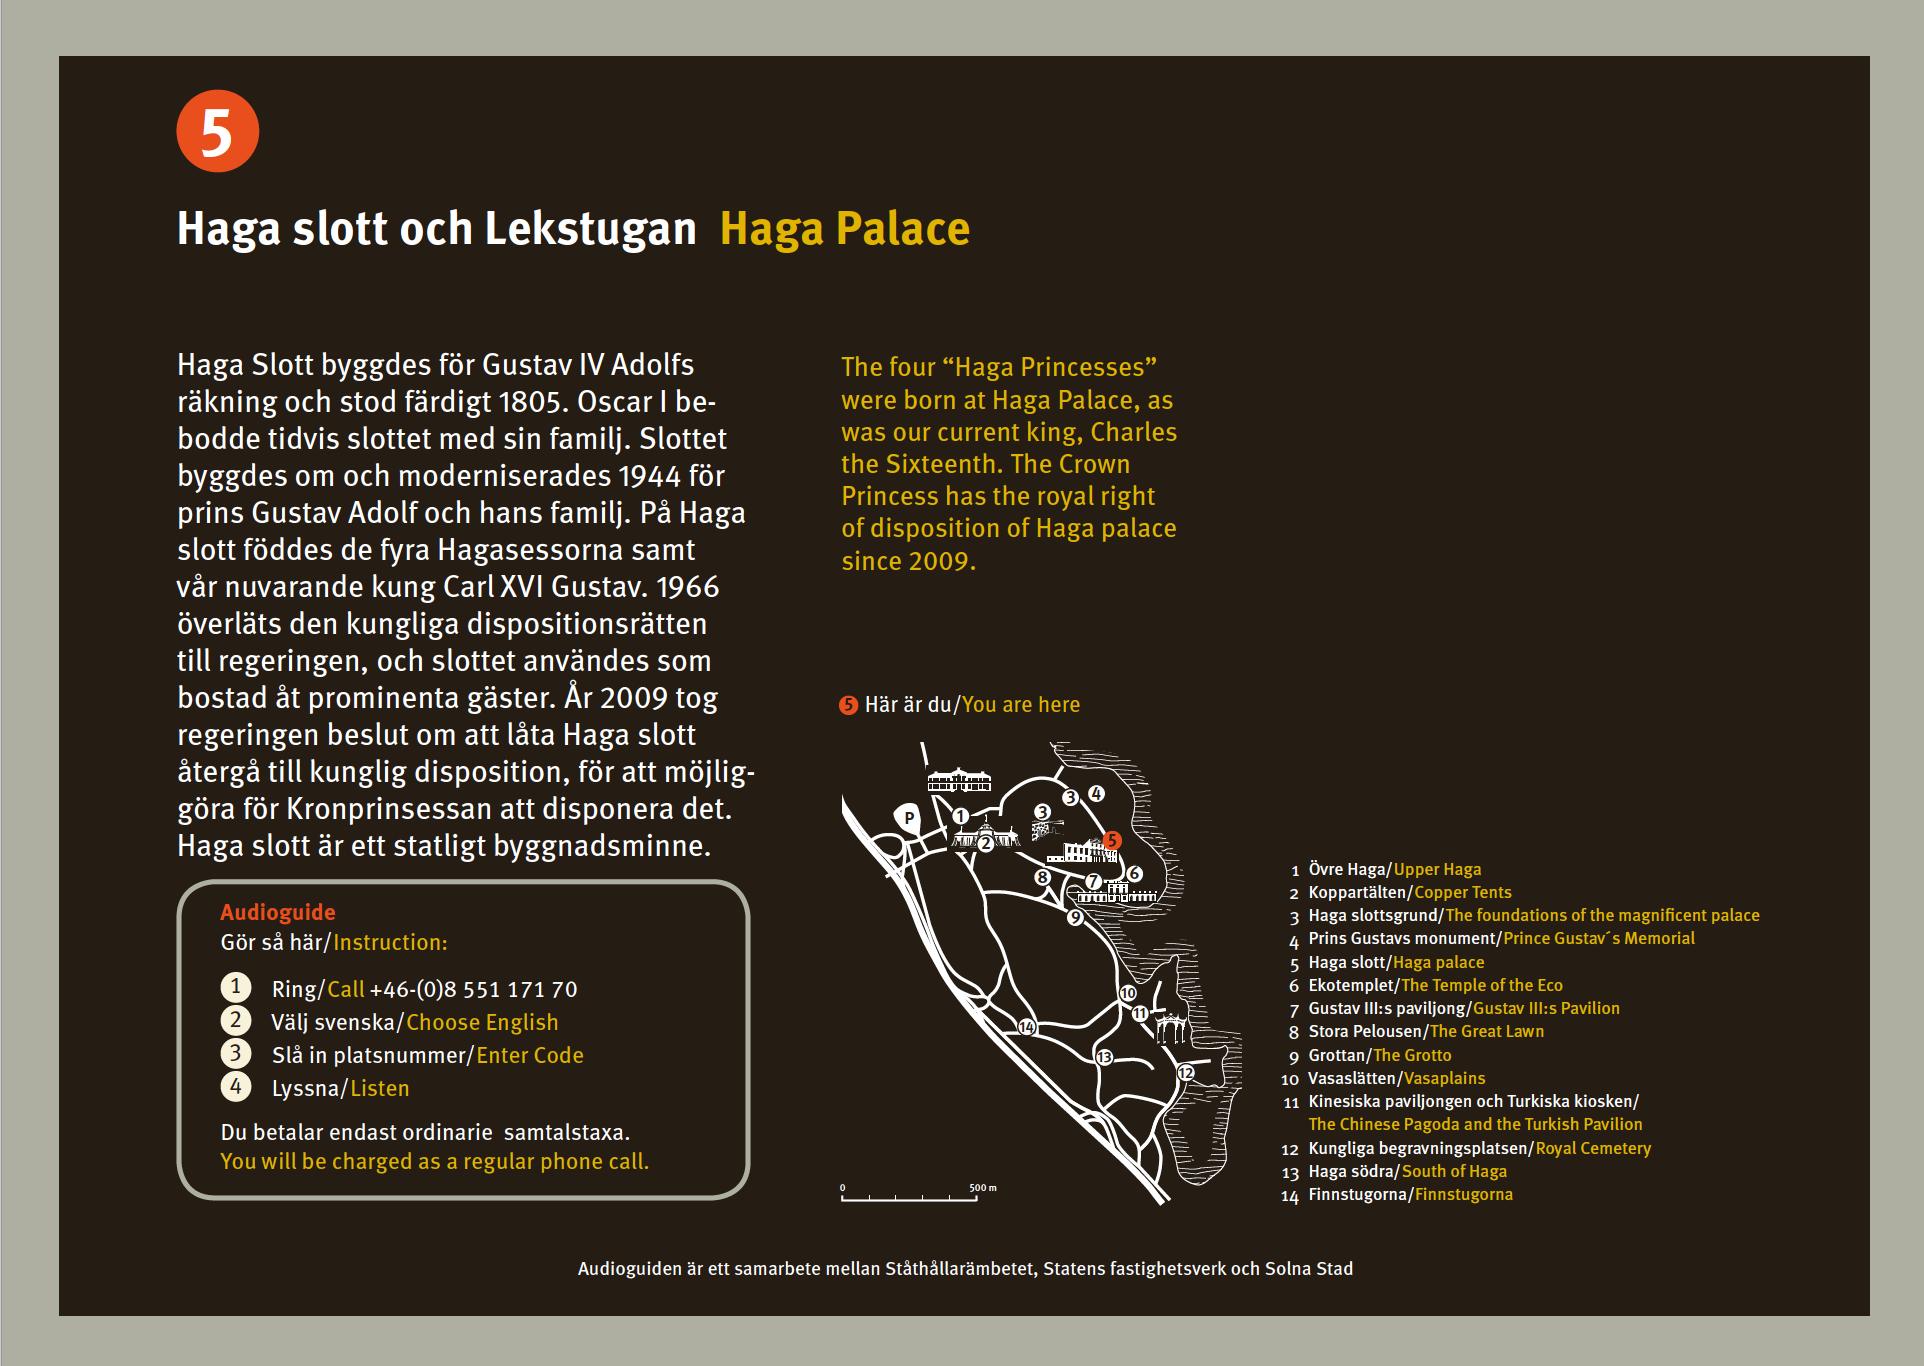 Statens Fastighetsverk skyltar vid Haga